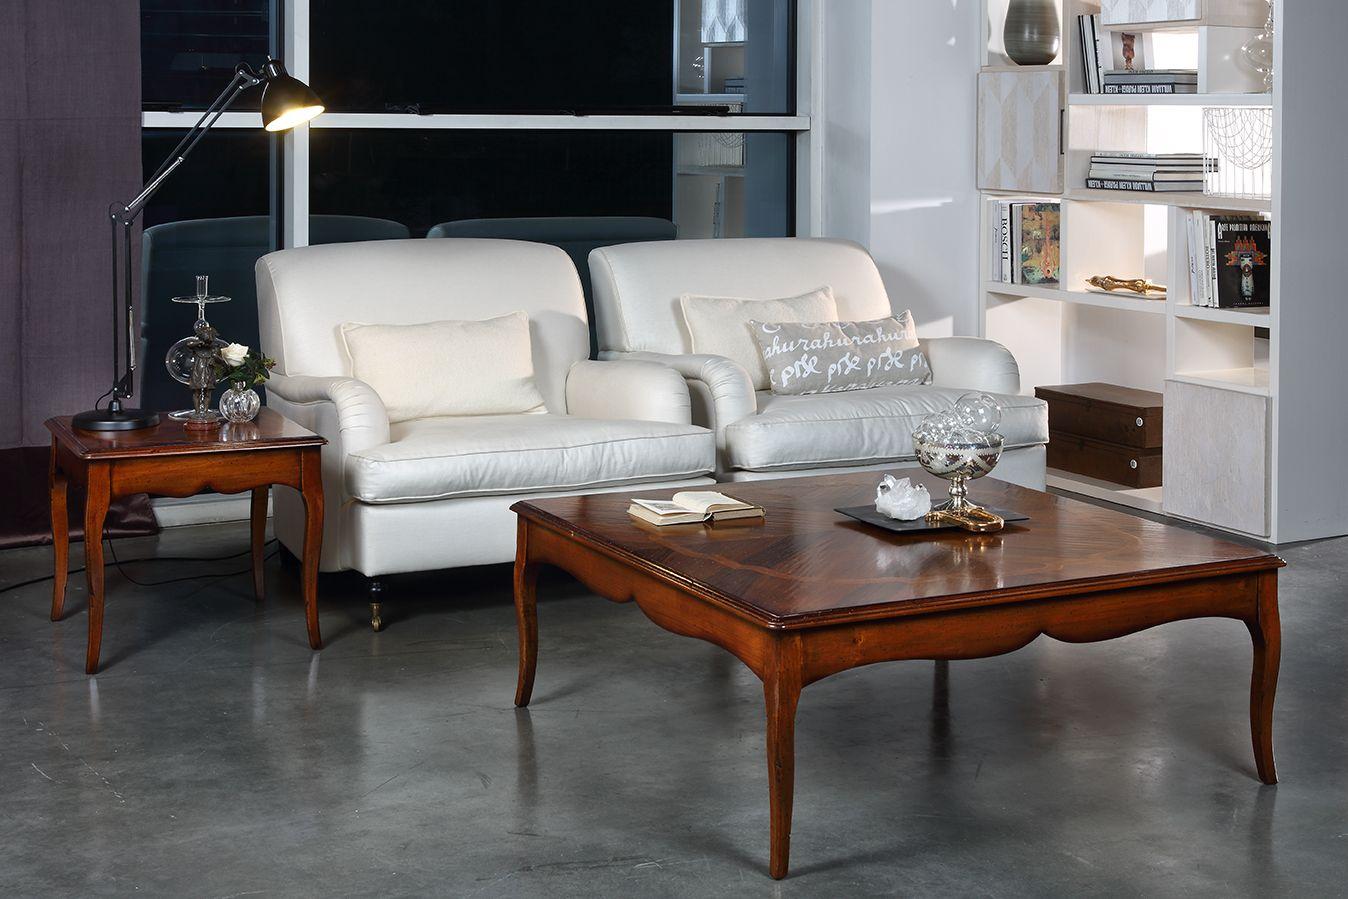 Sideboard Domo Design : Mm 655 square coffee table brands marchetti pinterest square